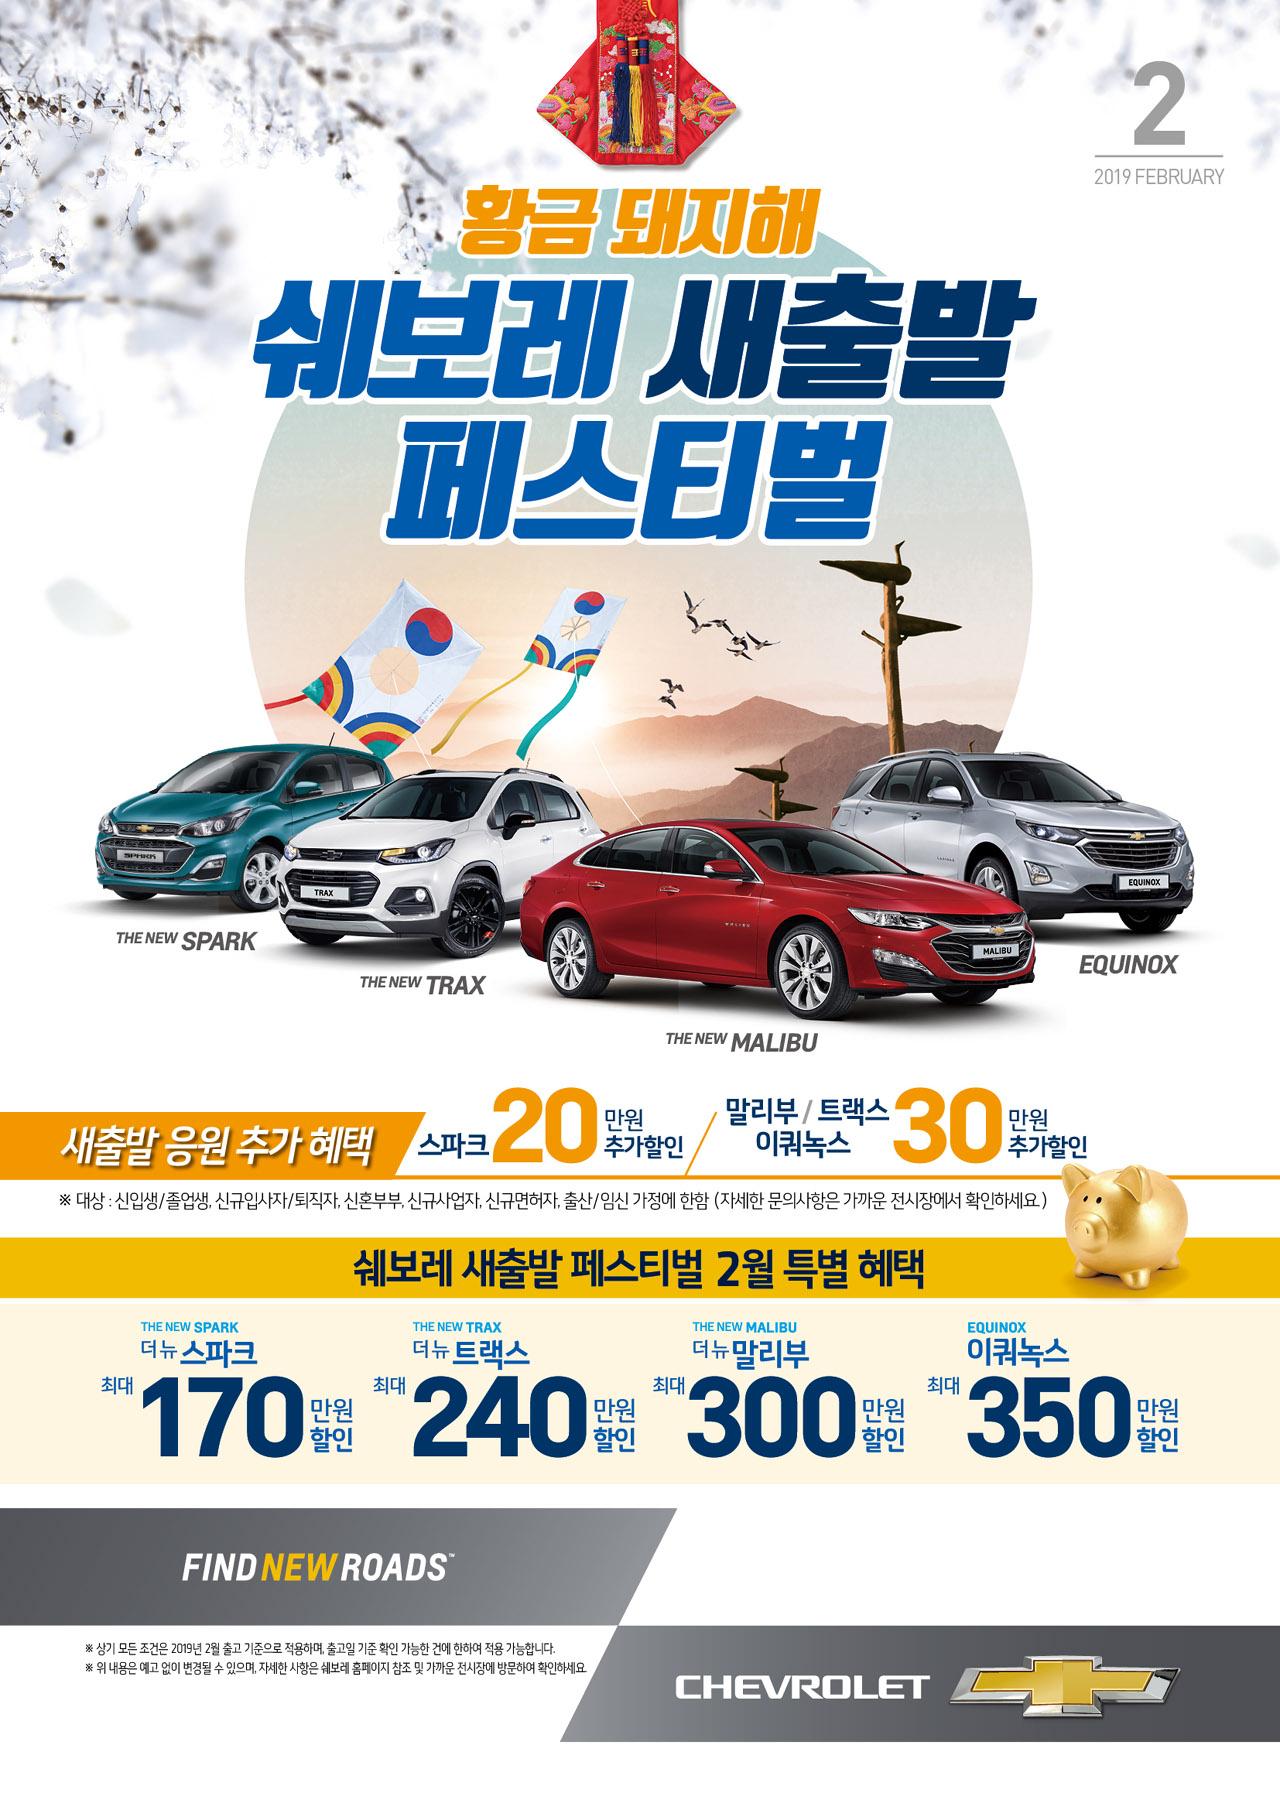 쉐보레, 2월 '황금돼지해 새 출발 페스티벌' 개최!_1